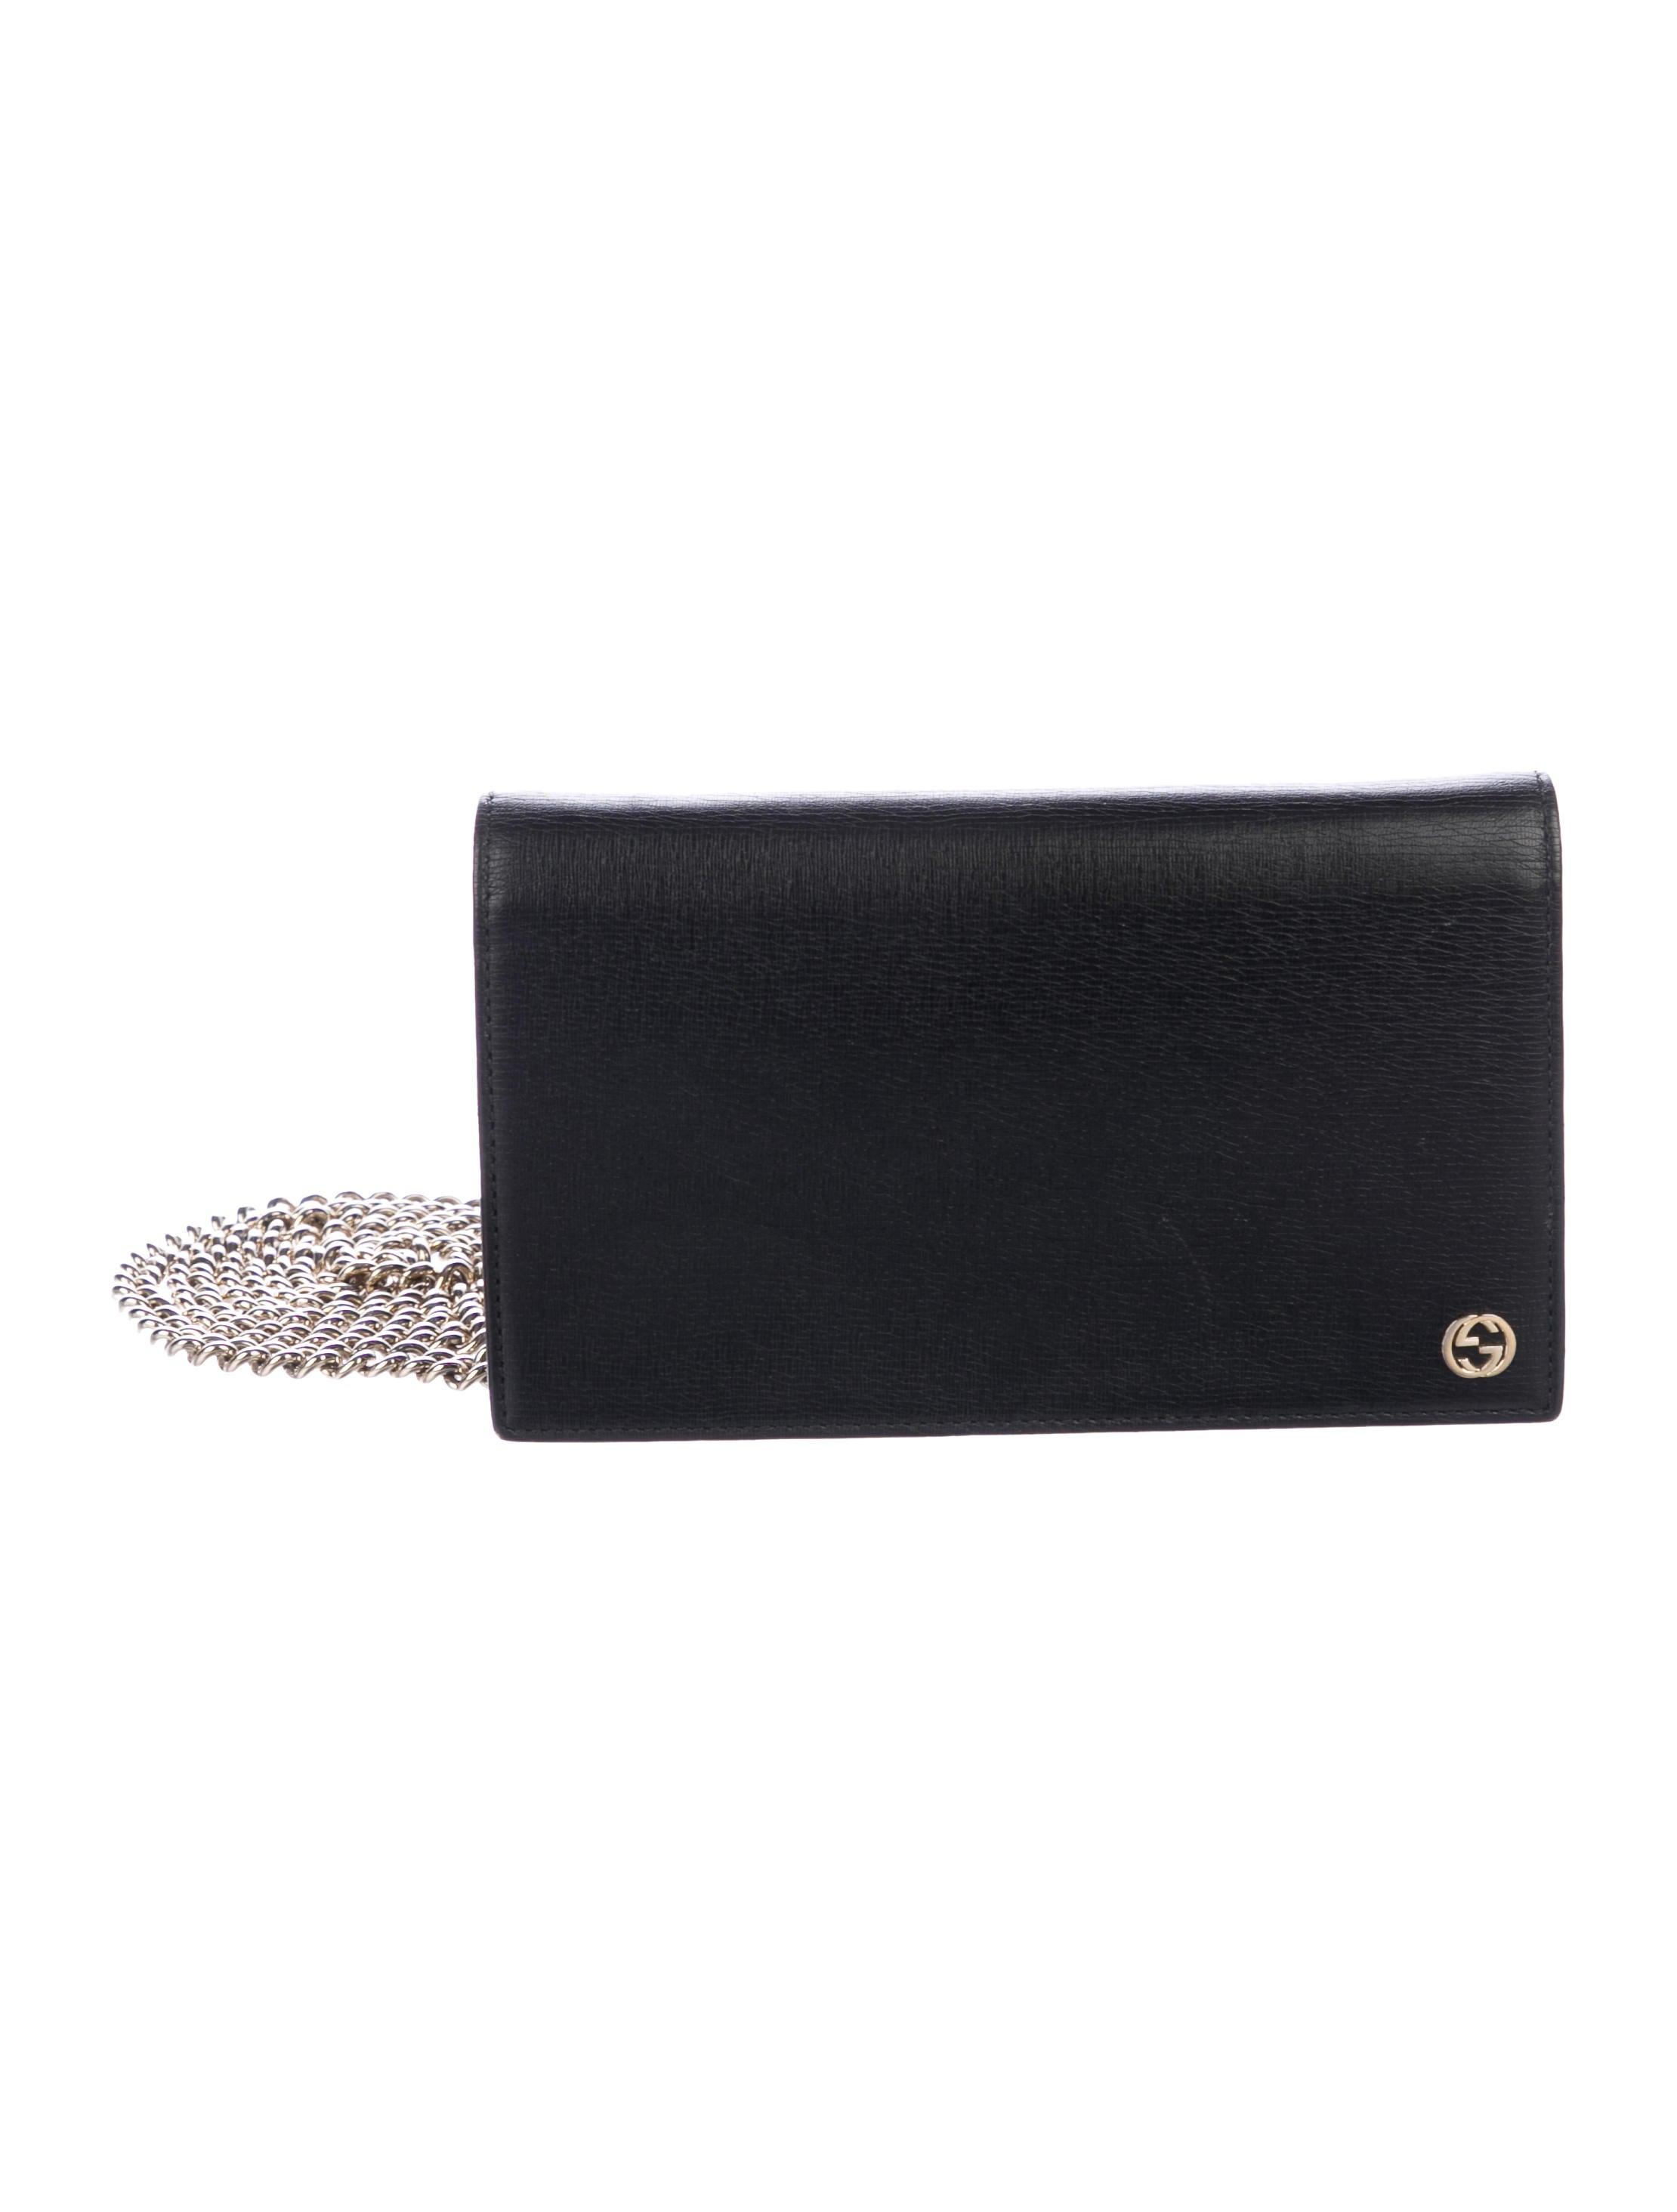 6589a81cfaf Gucci Crossbody Bags